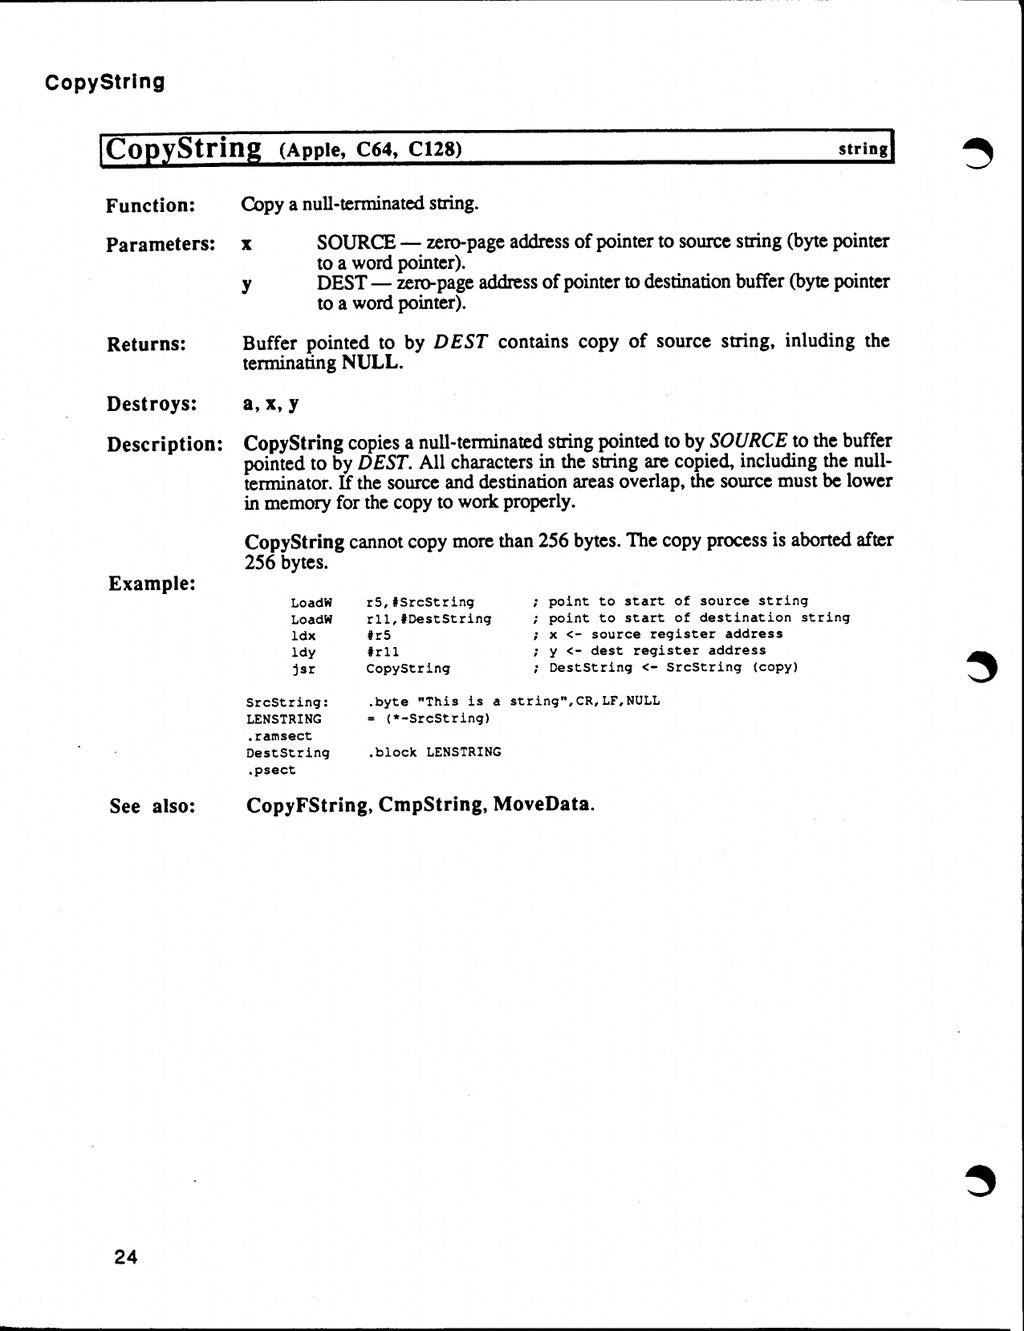 ccs64 registration code